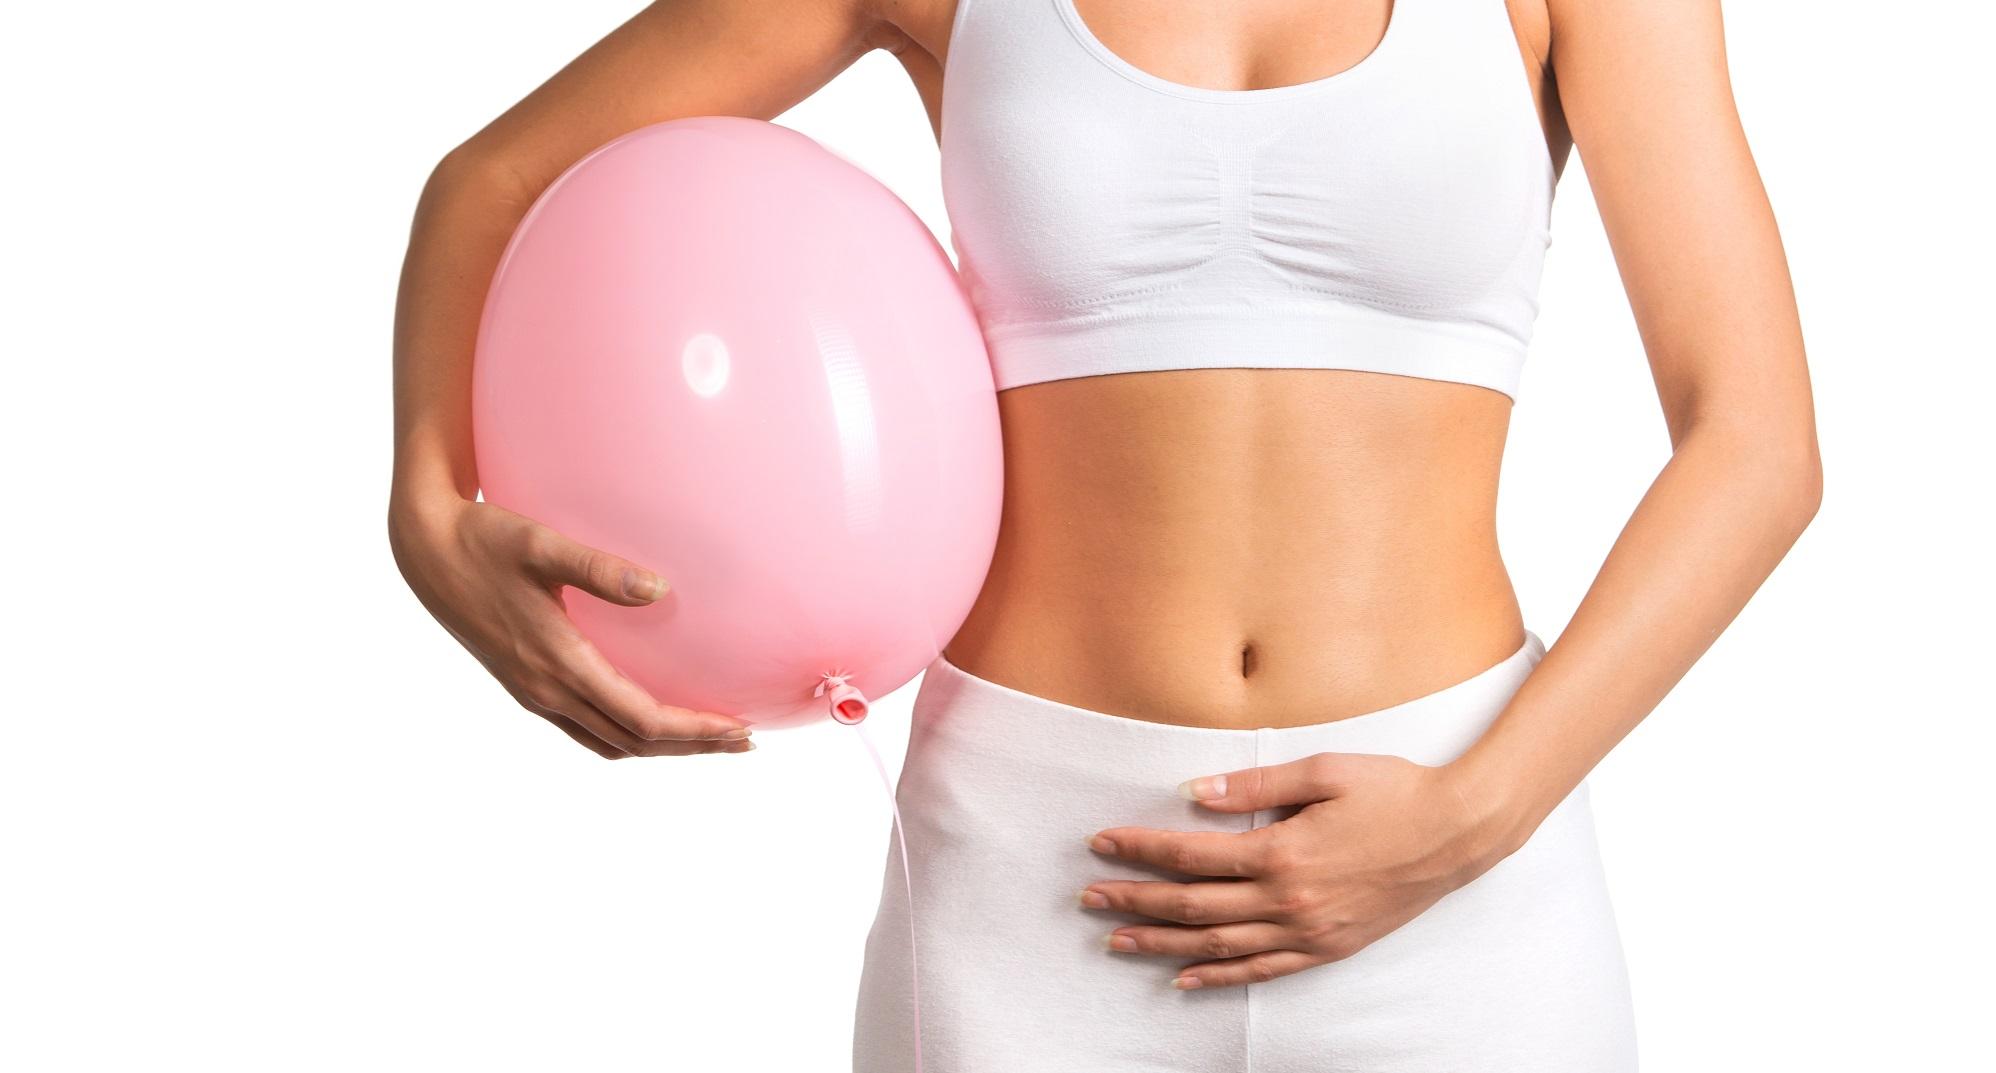 Resultado de imagem para ovulation ovulation symptoms